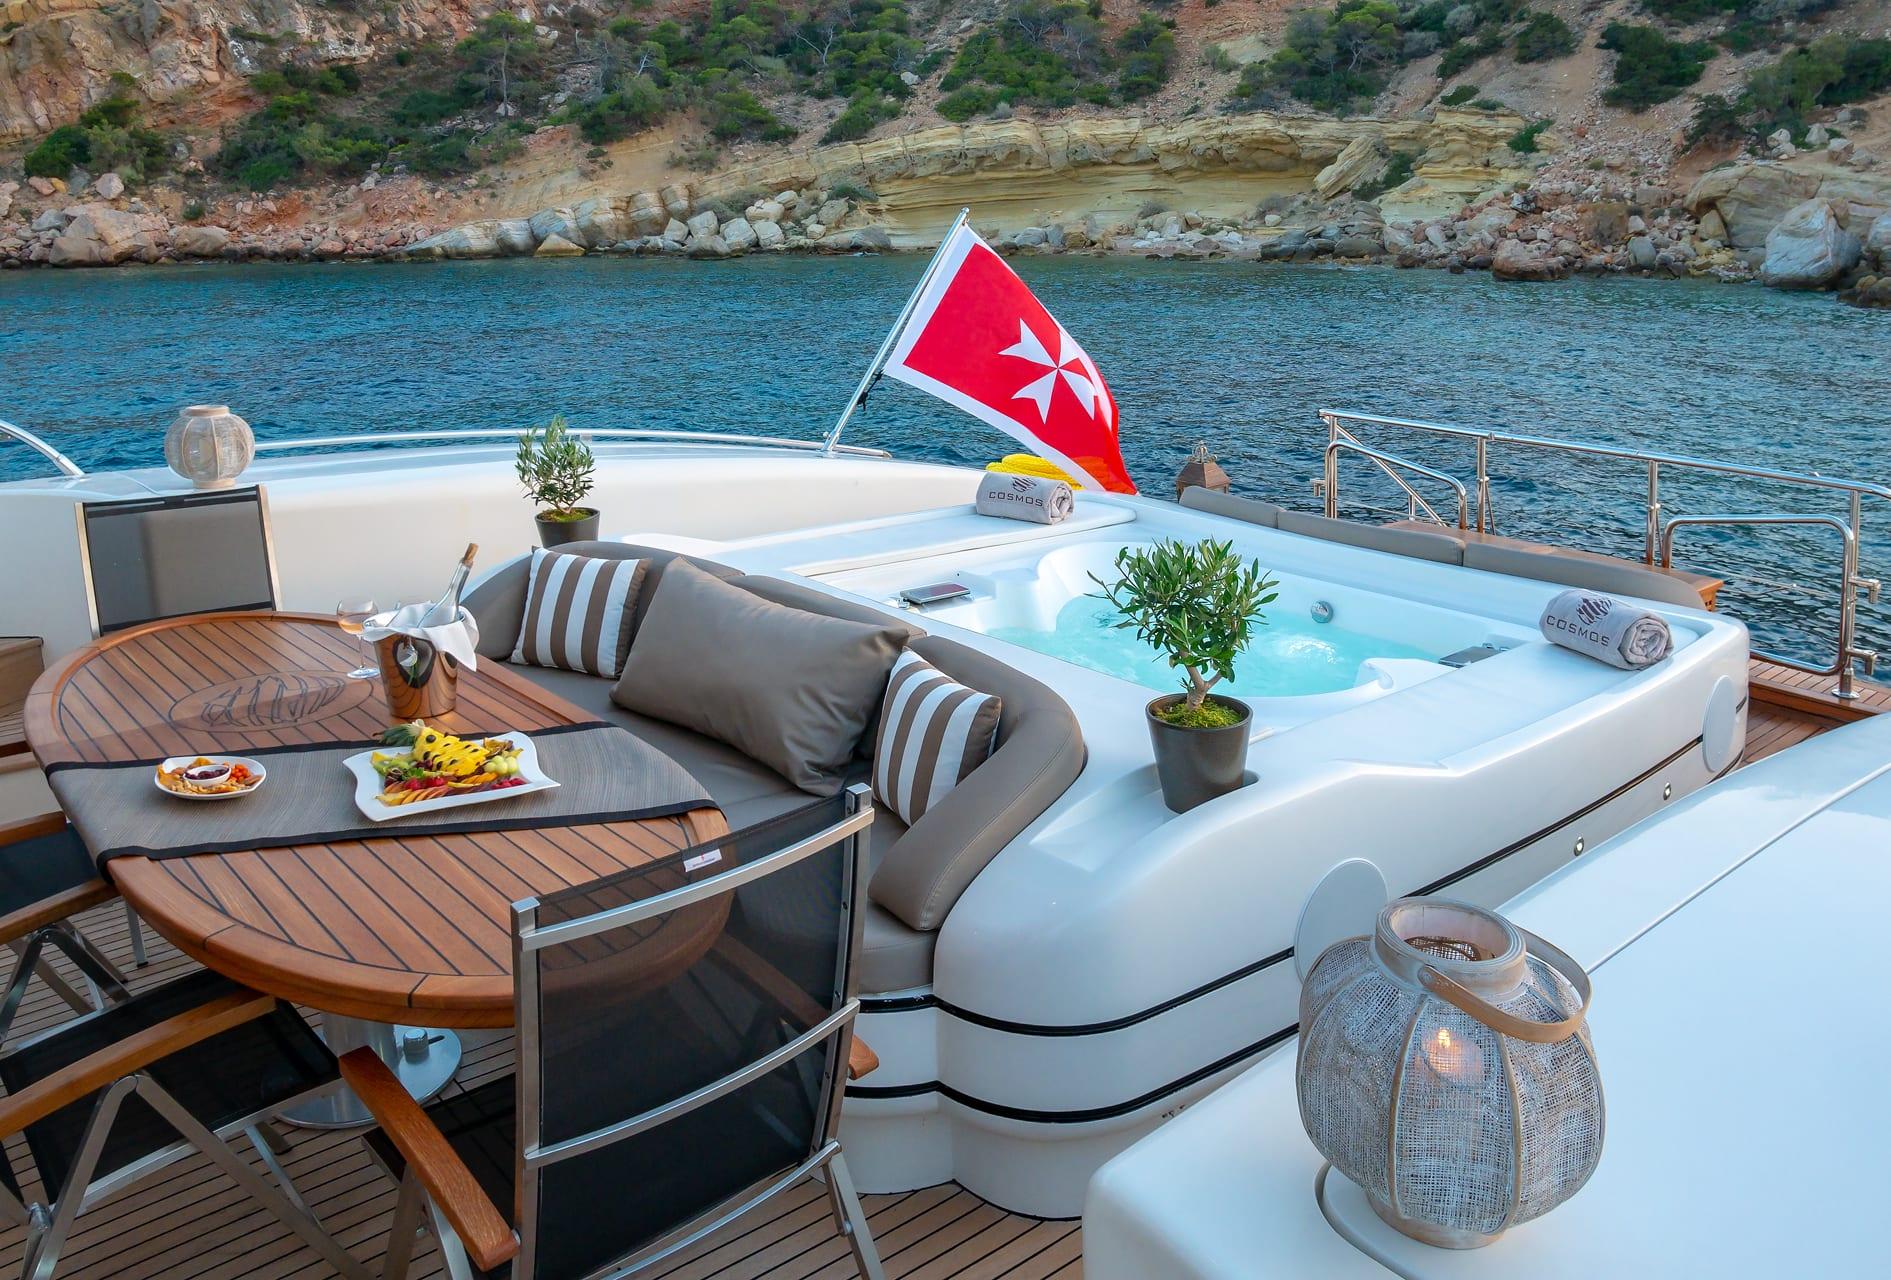 cosmos i yacht aft jacuzzi valef -  Valef Yachts Chartering - 5325